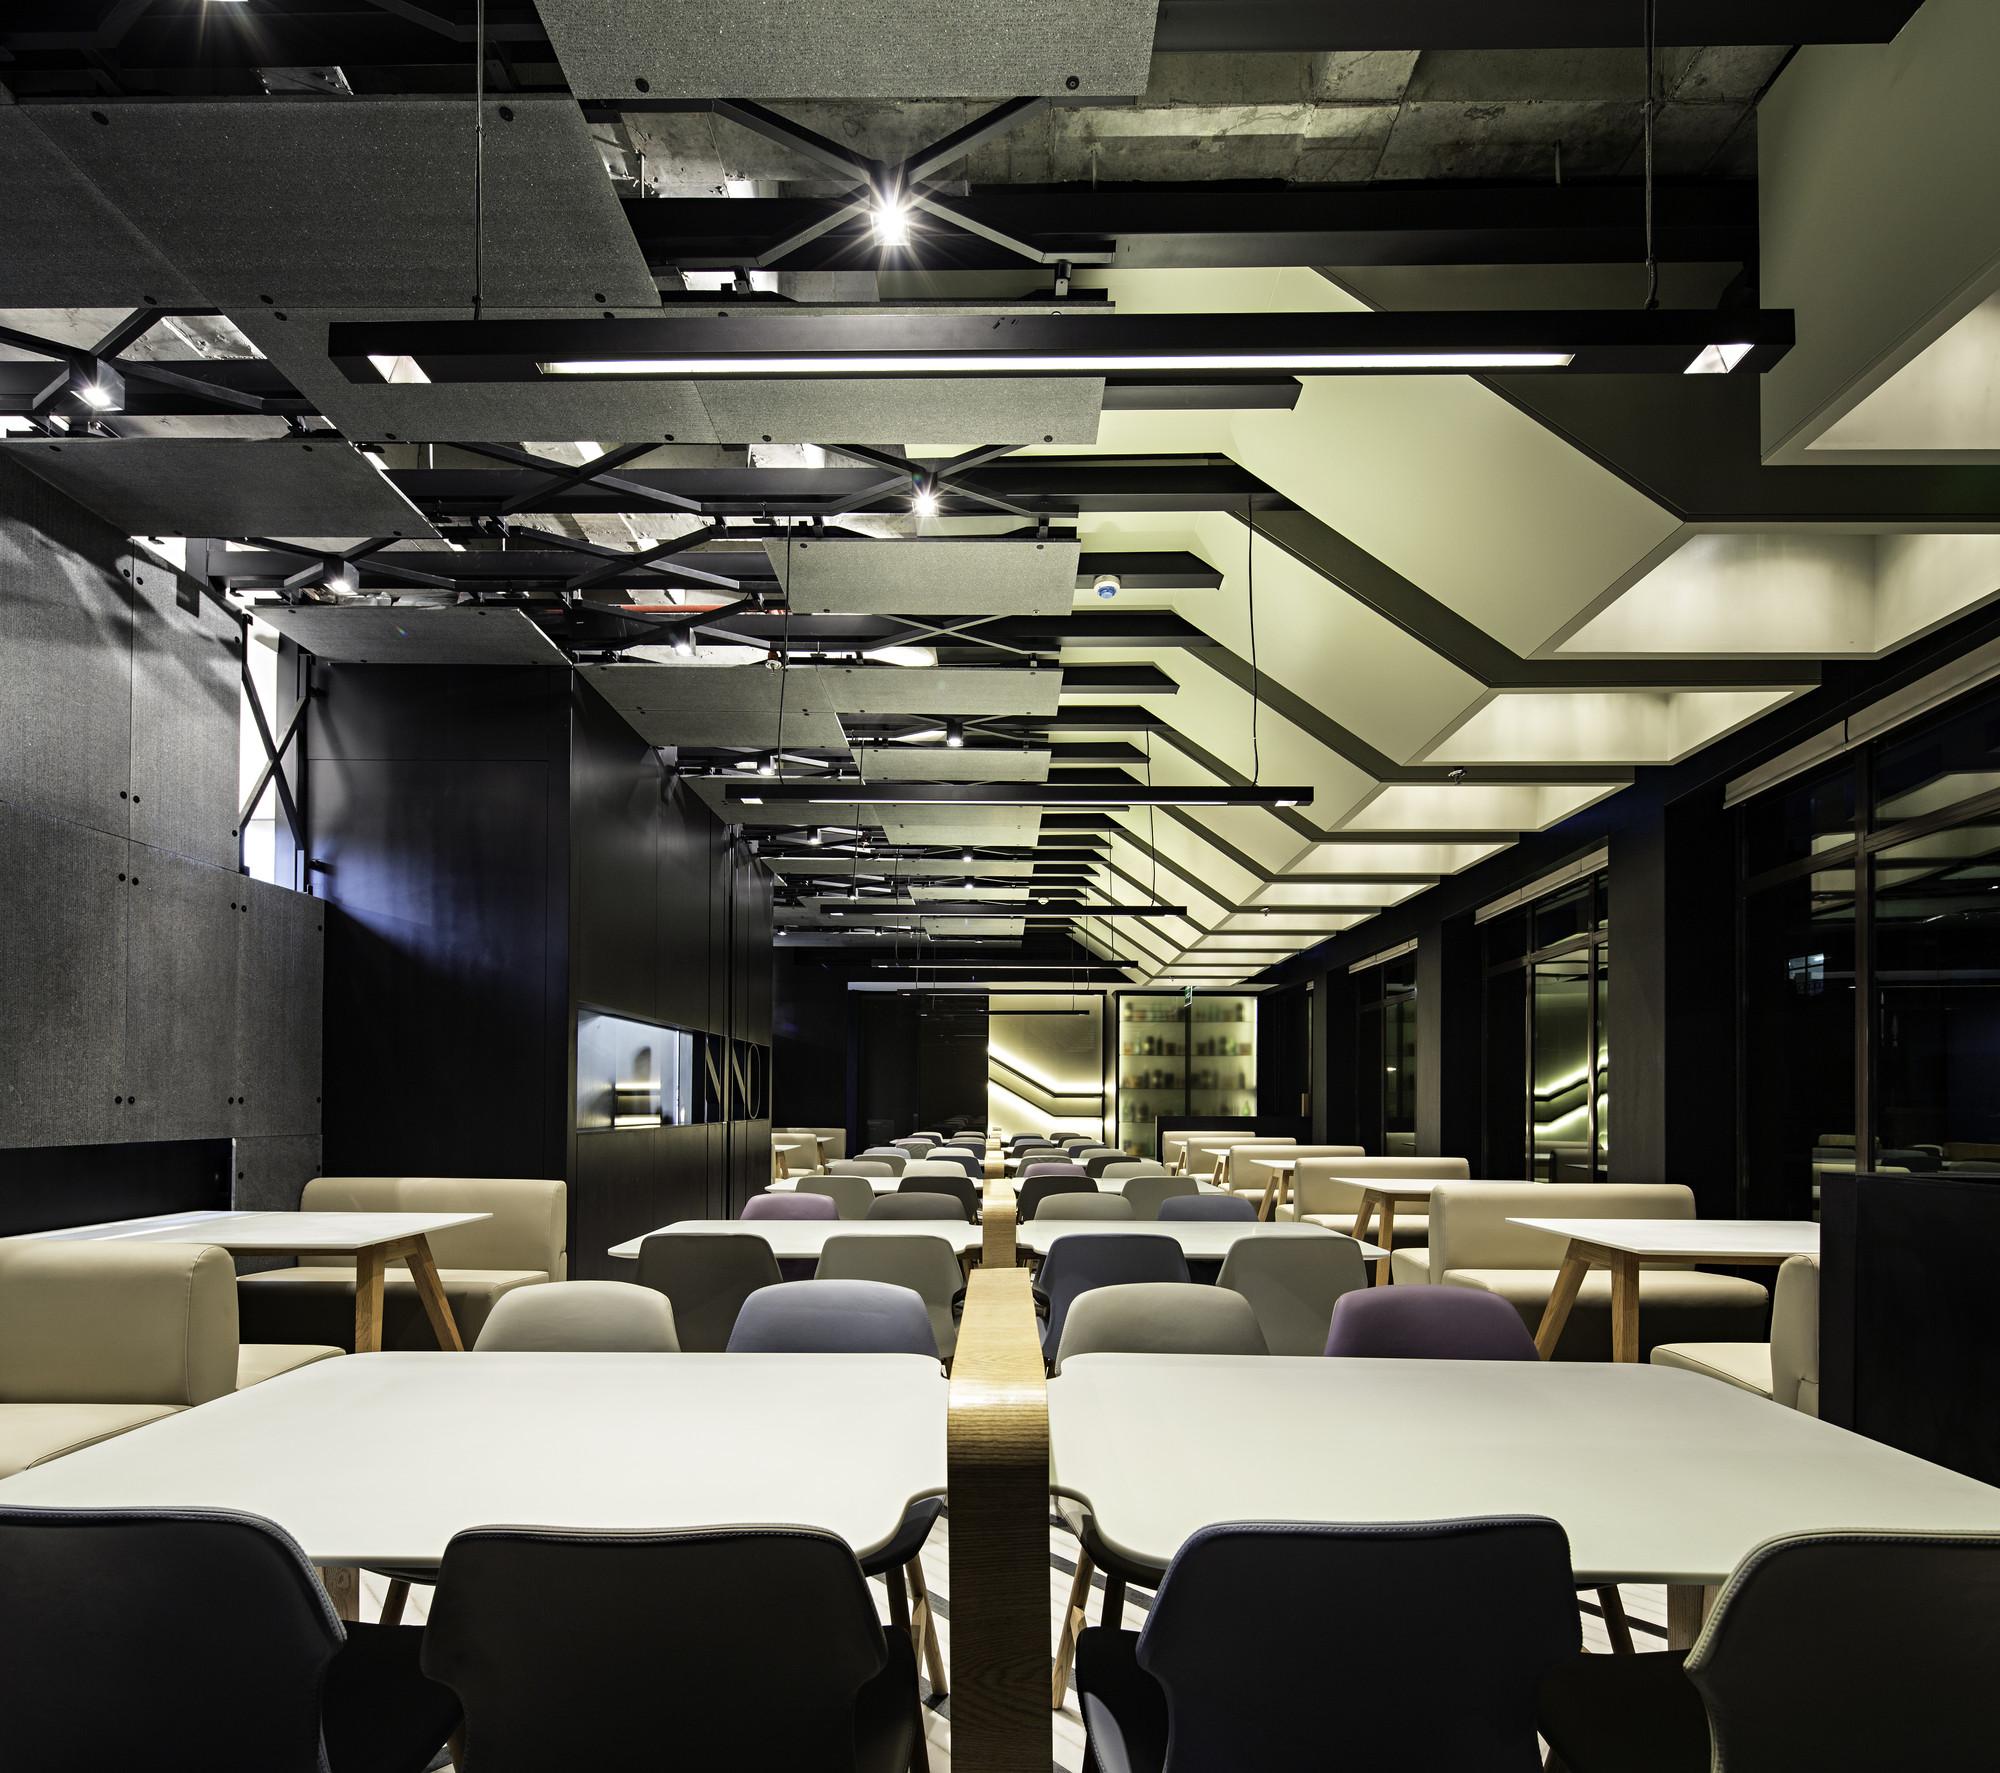 NINO Restaurant / Jassim Alshehab Architects, © Nelson Garrido